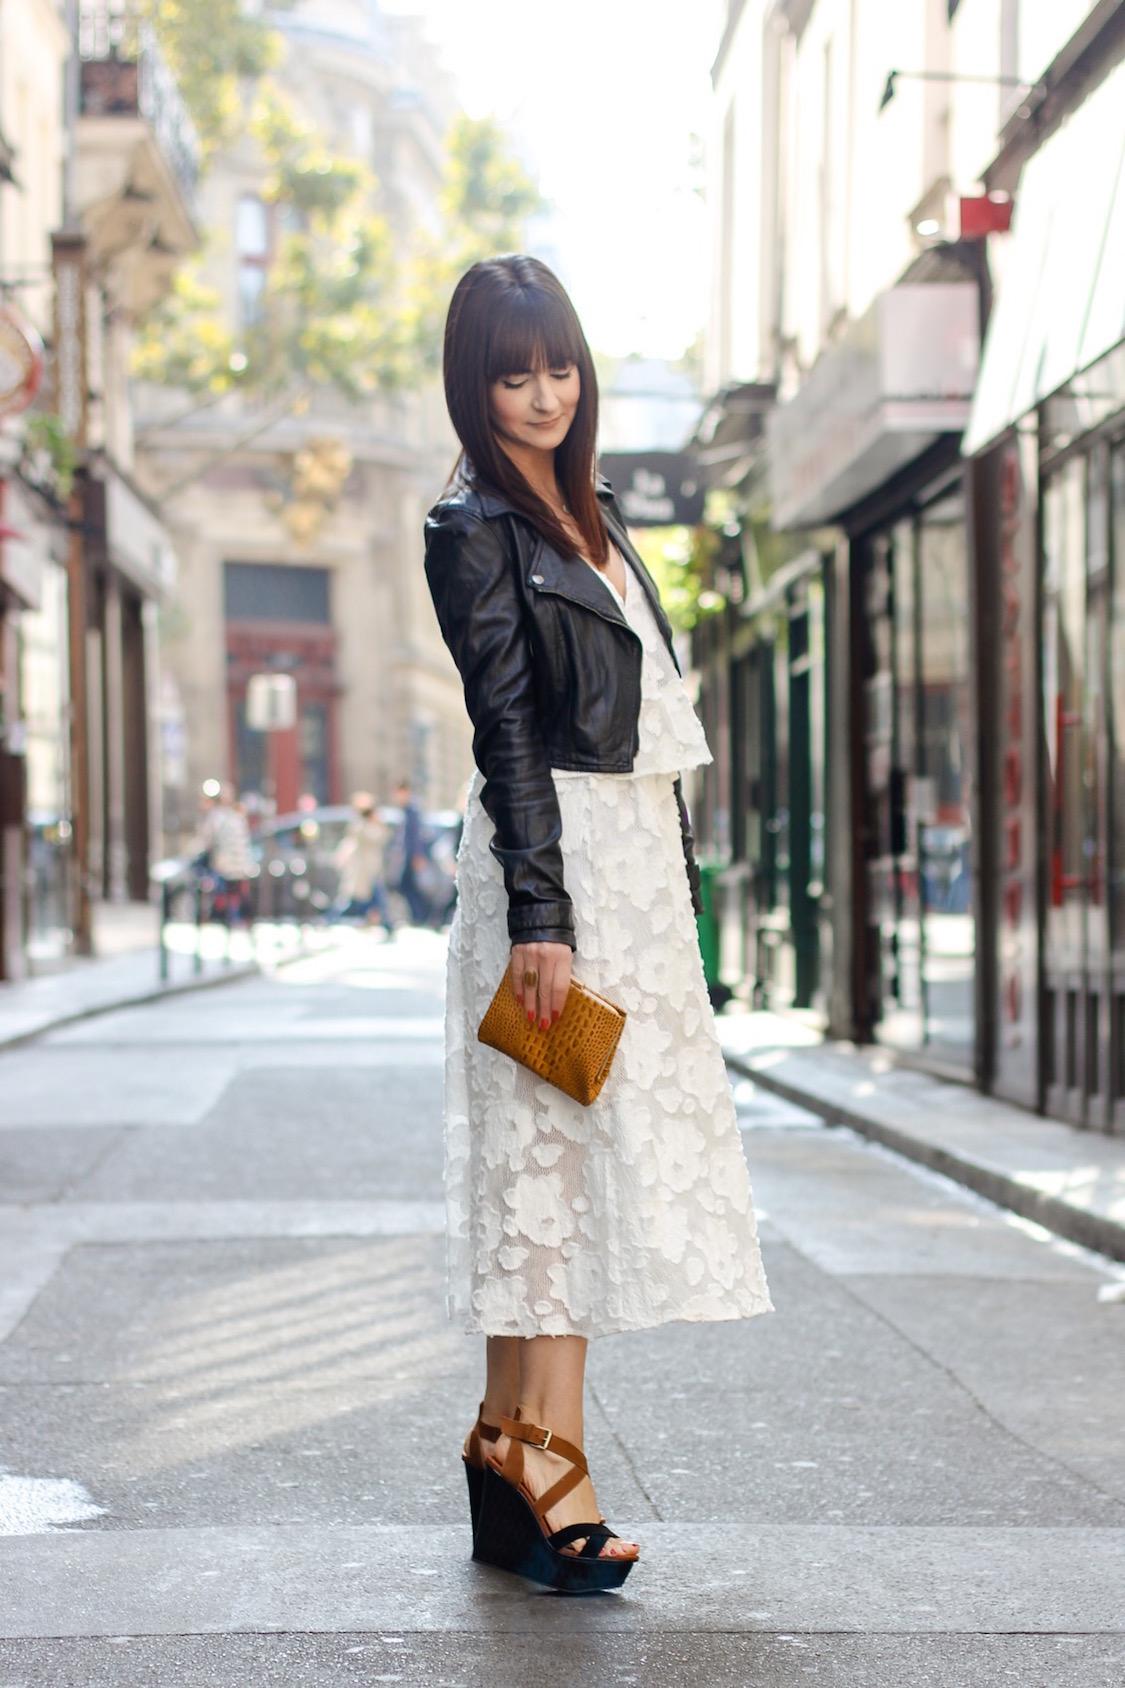 look-neutro-preto-e-branco-vestido-fluido-e-jaqueta-de-couro-dani-noce-11